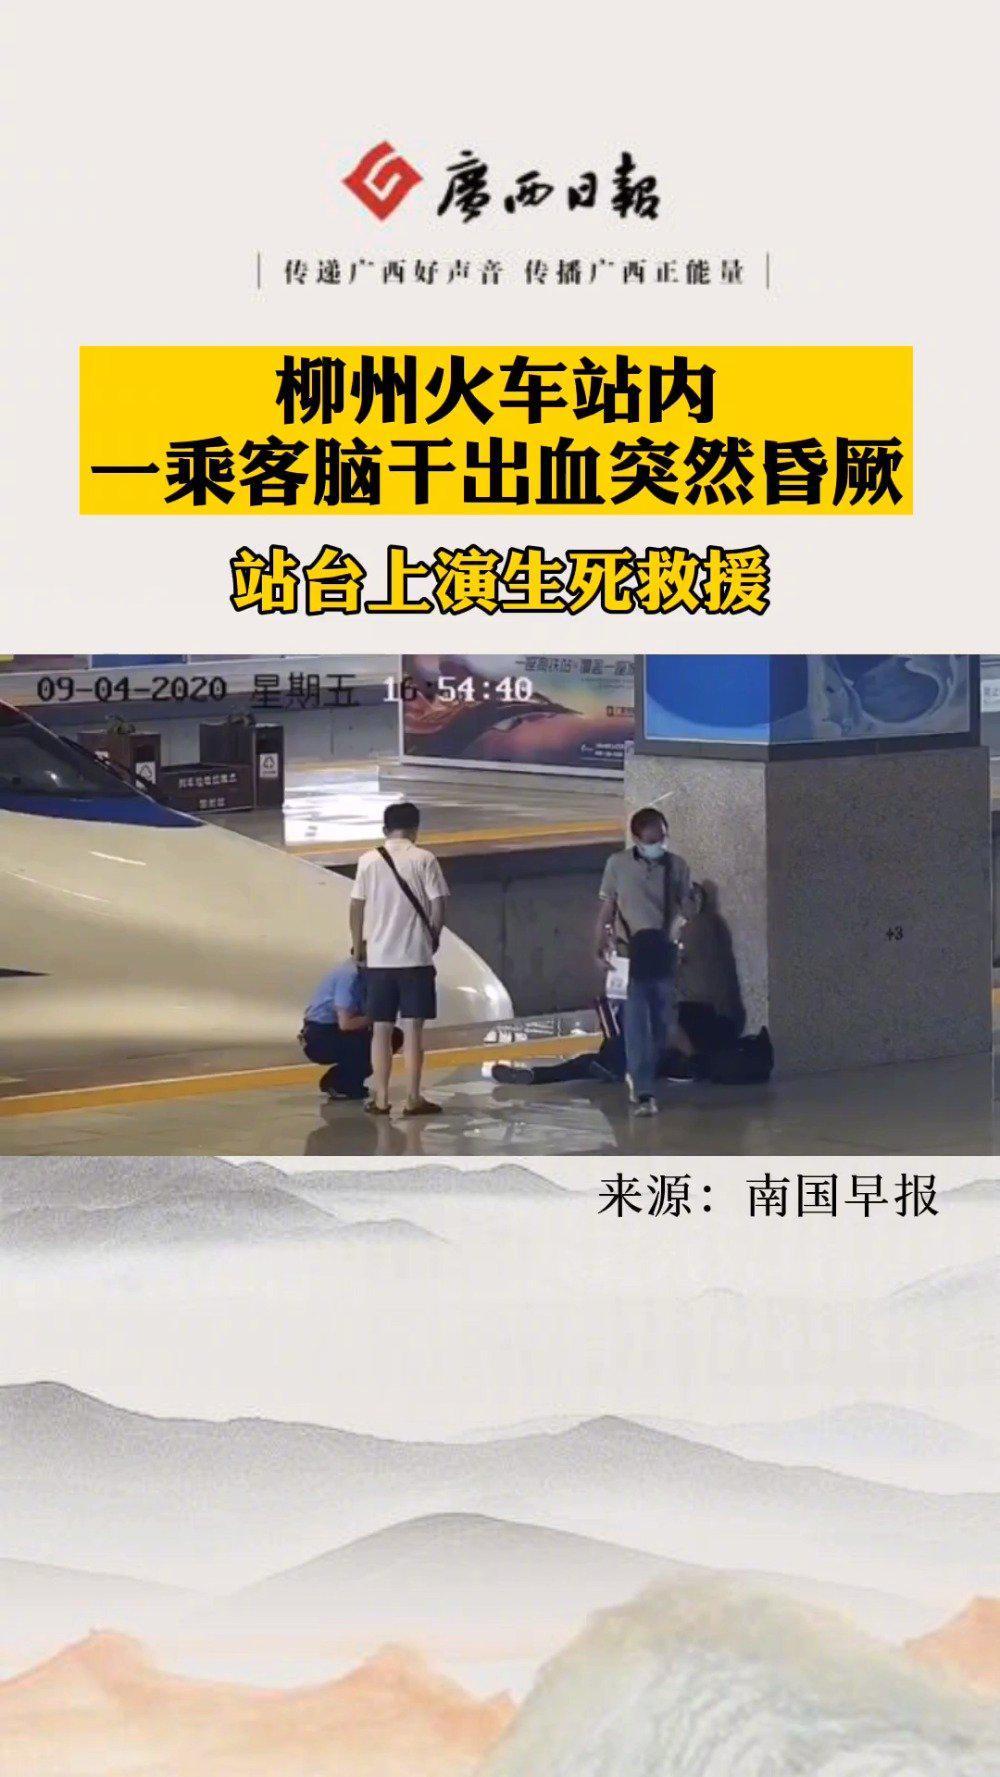 柳州火车站内一乘客脑干出血突然昏厥……